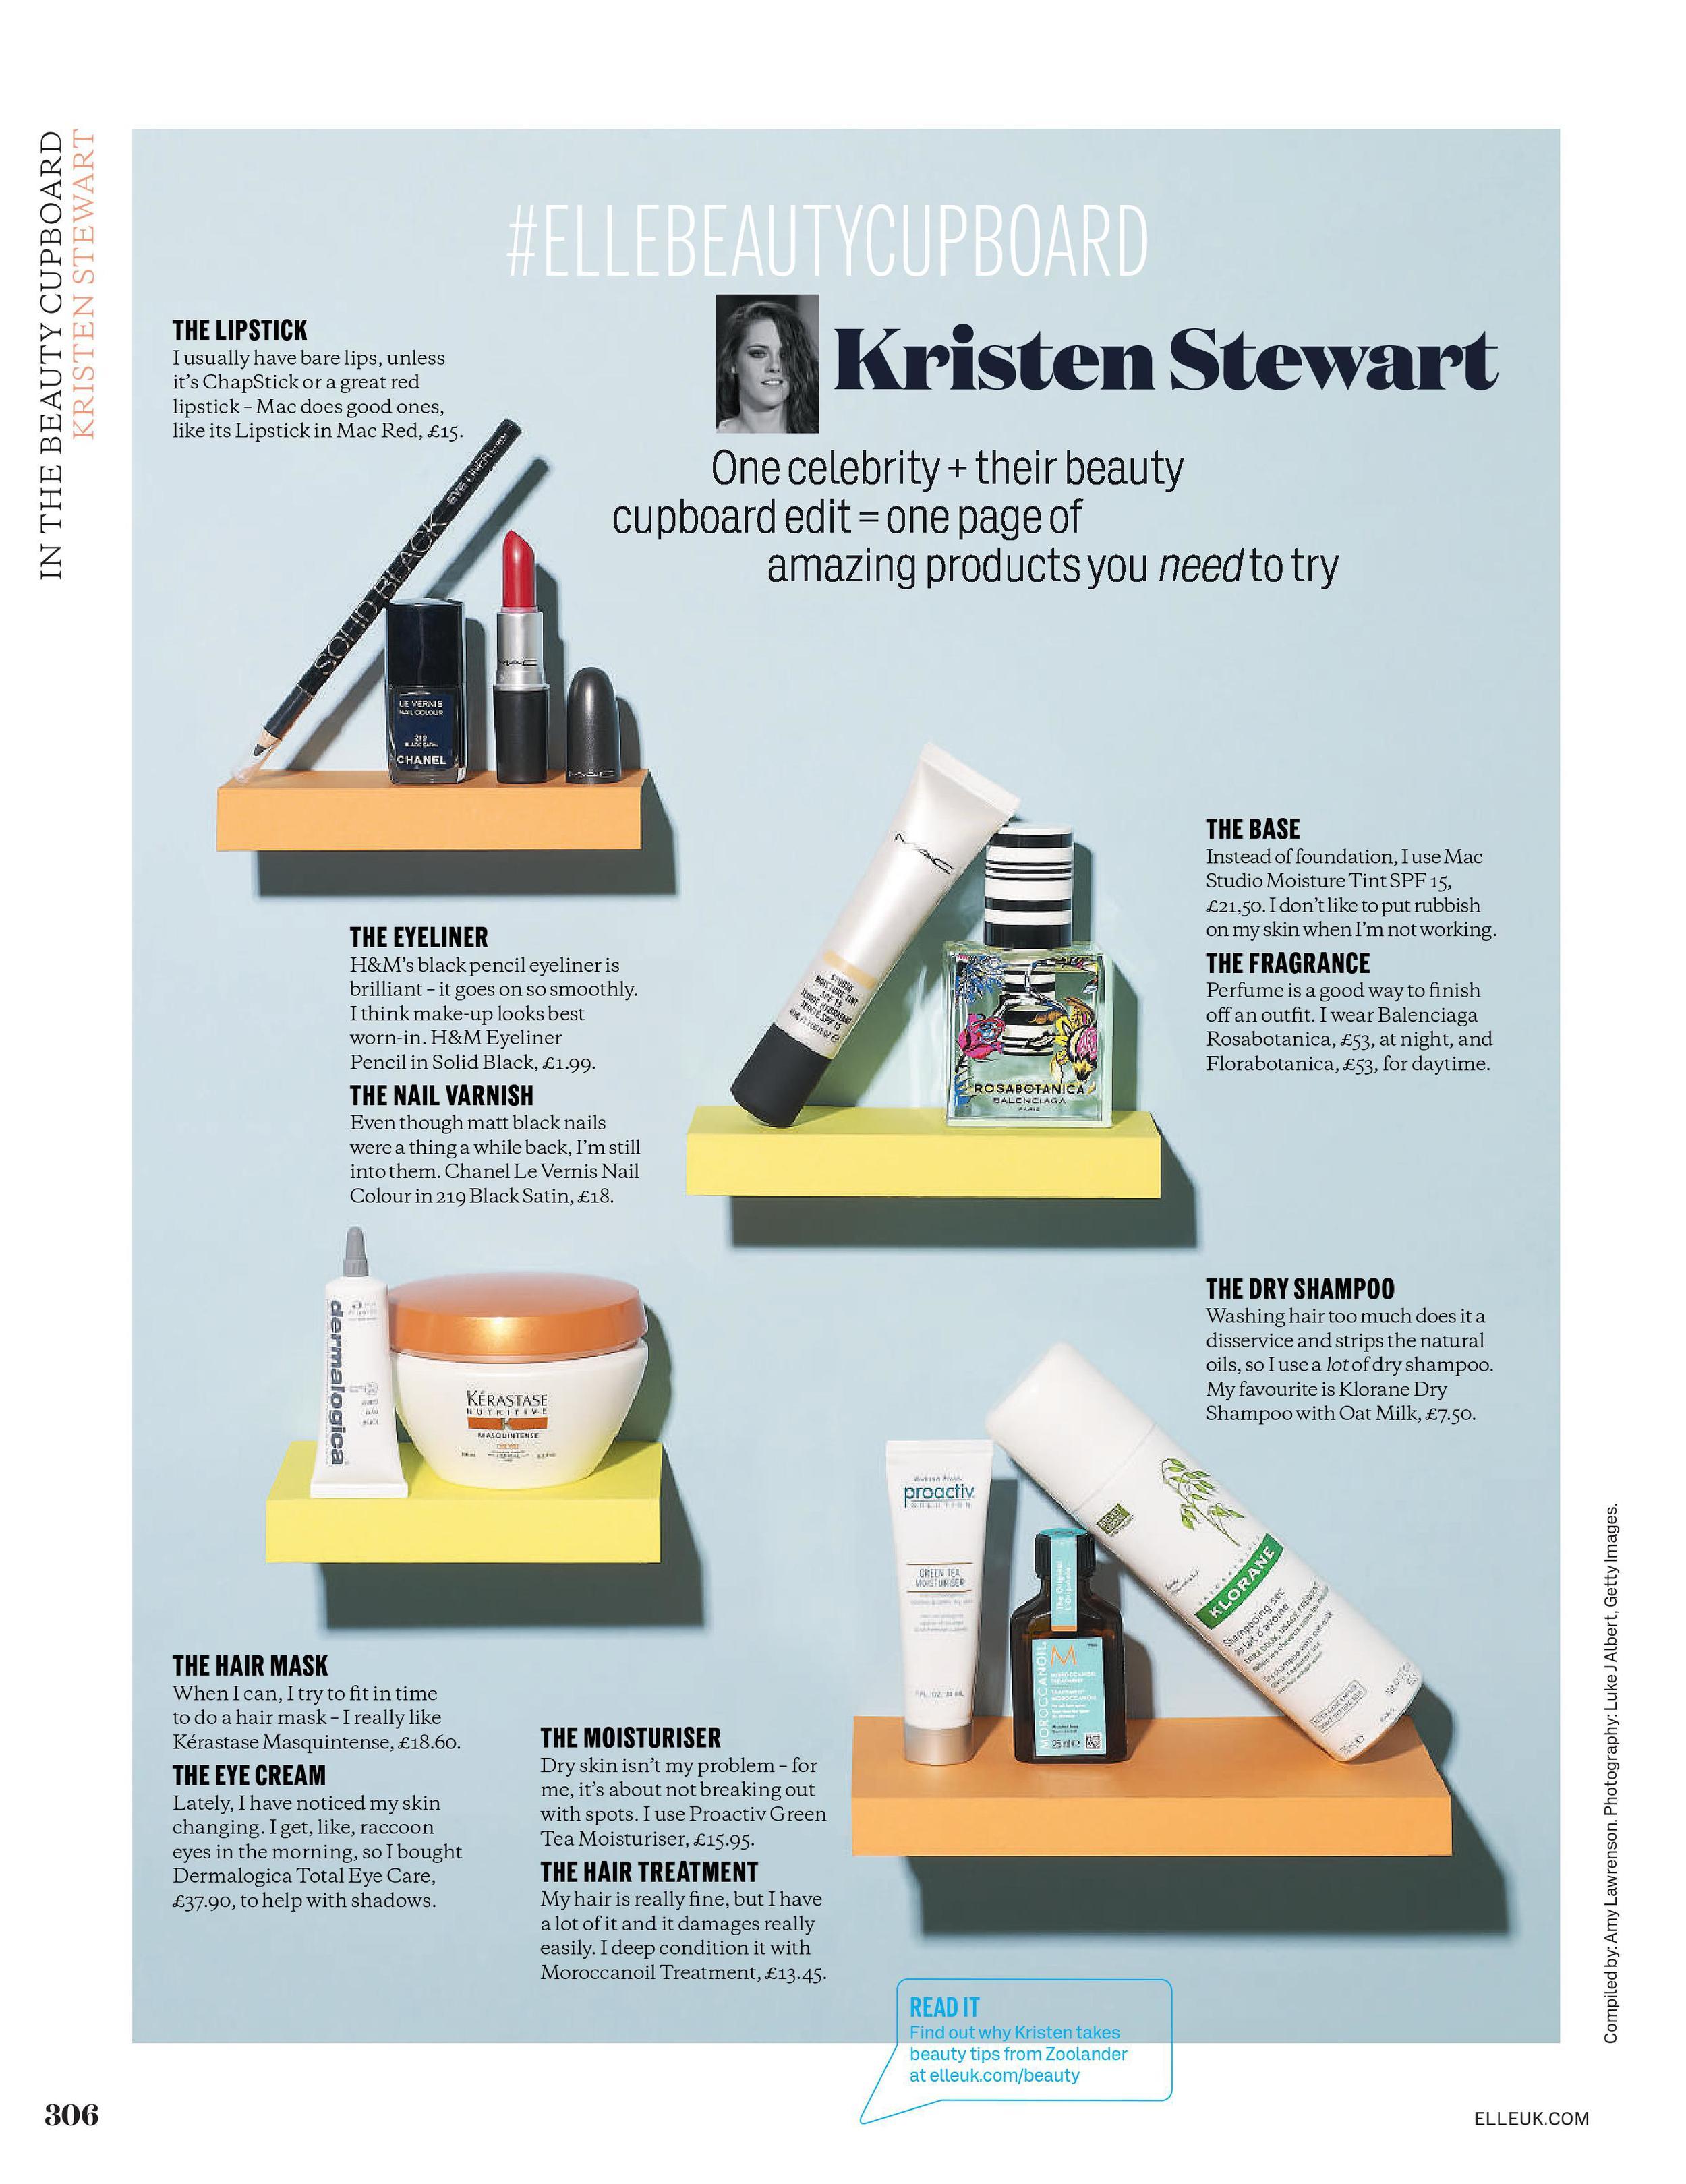 ELLE Beauty Cupboard: Kristen Stewart